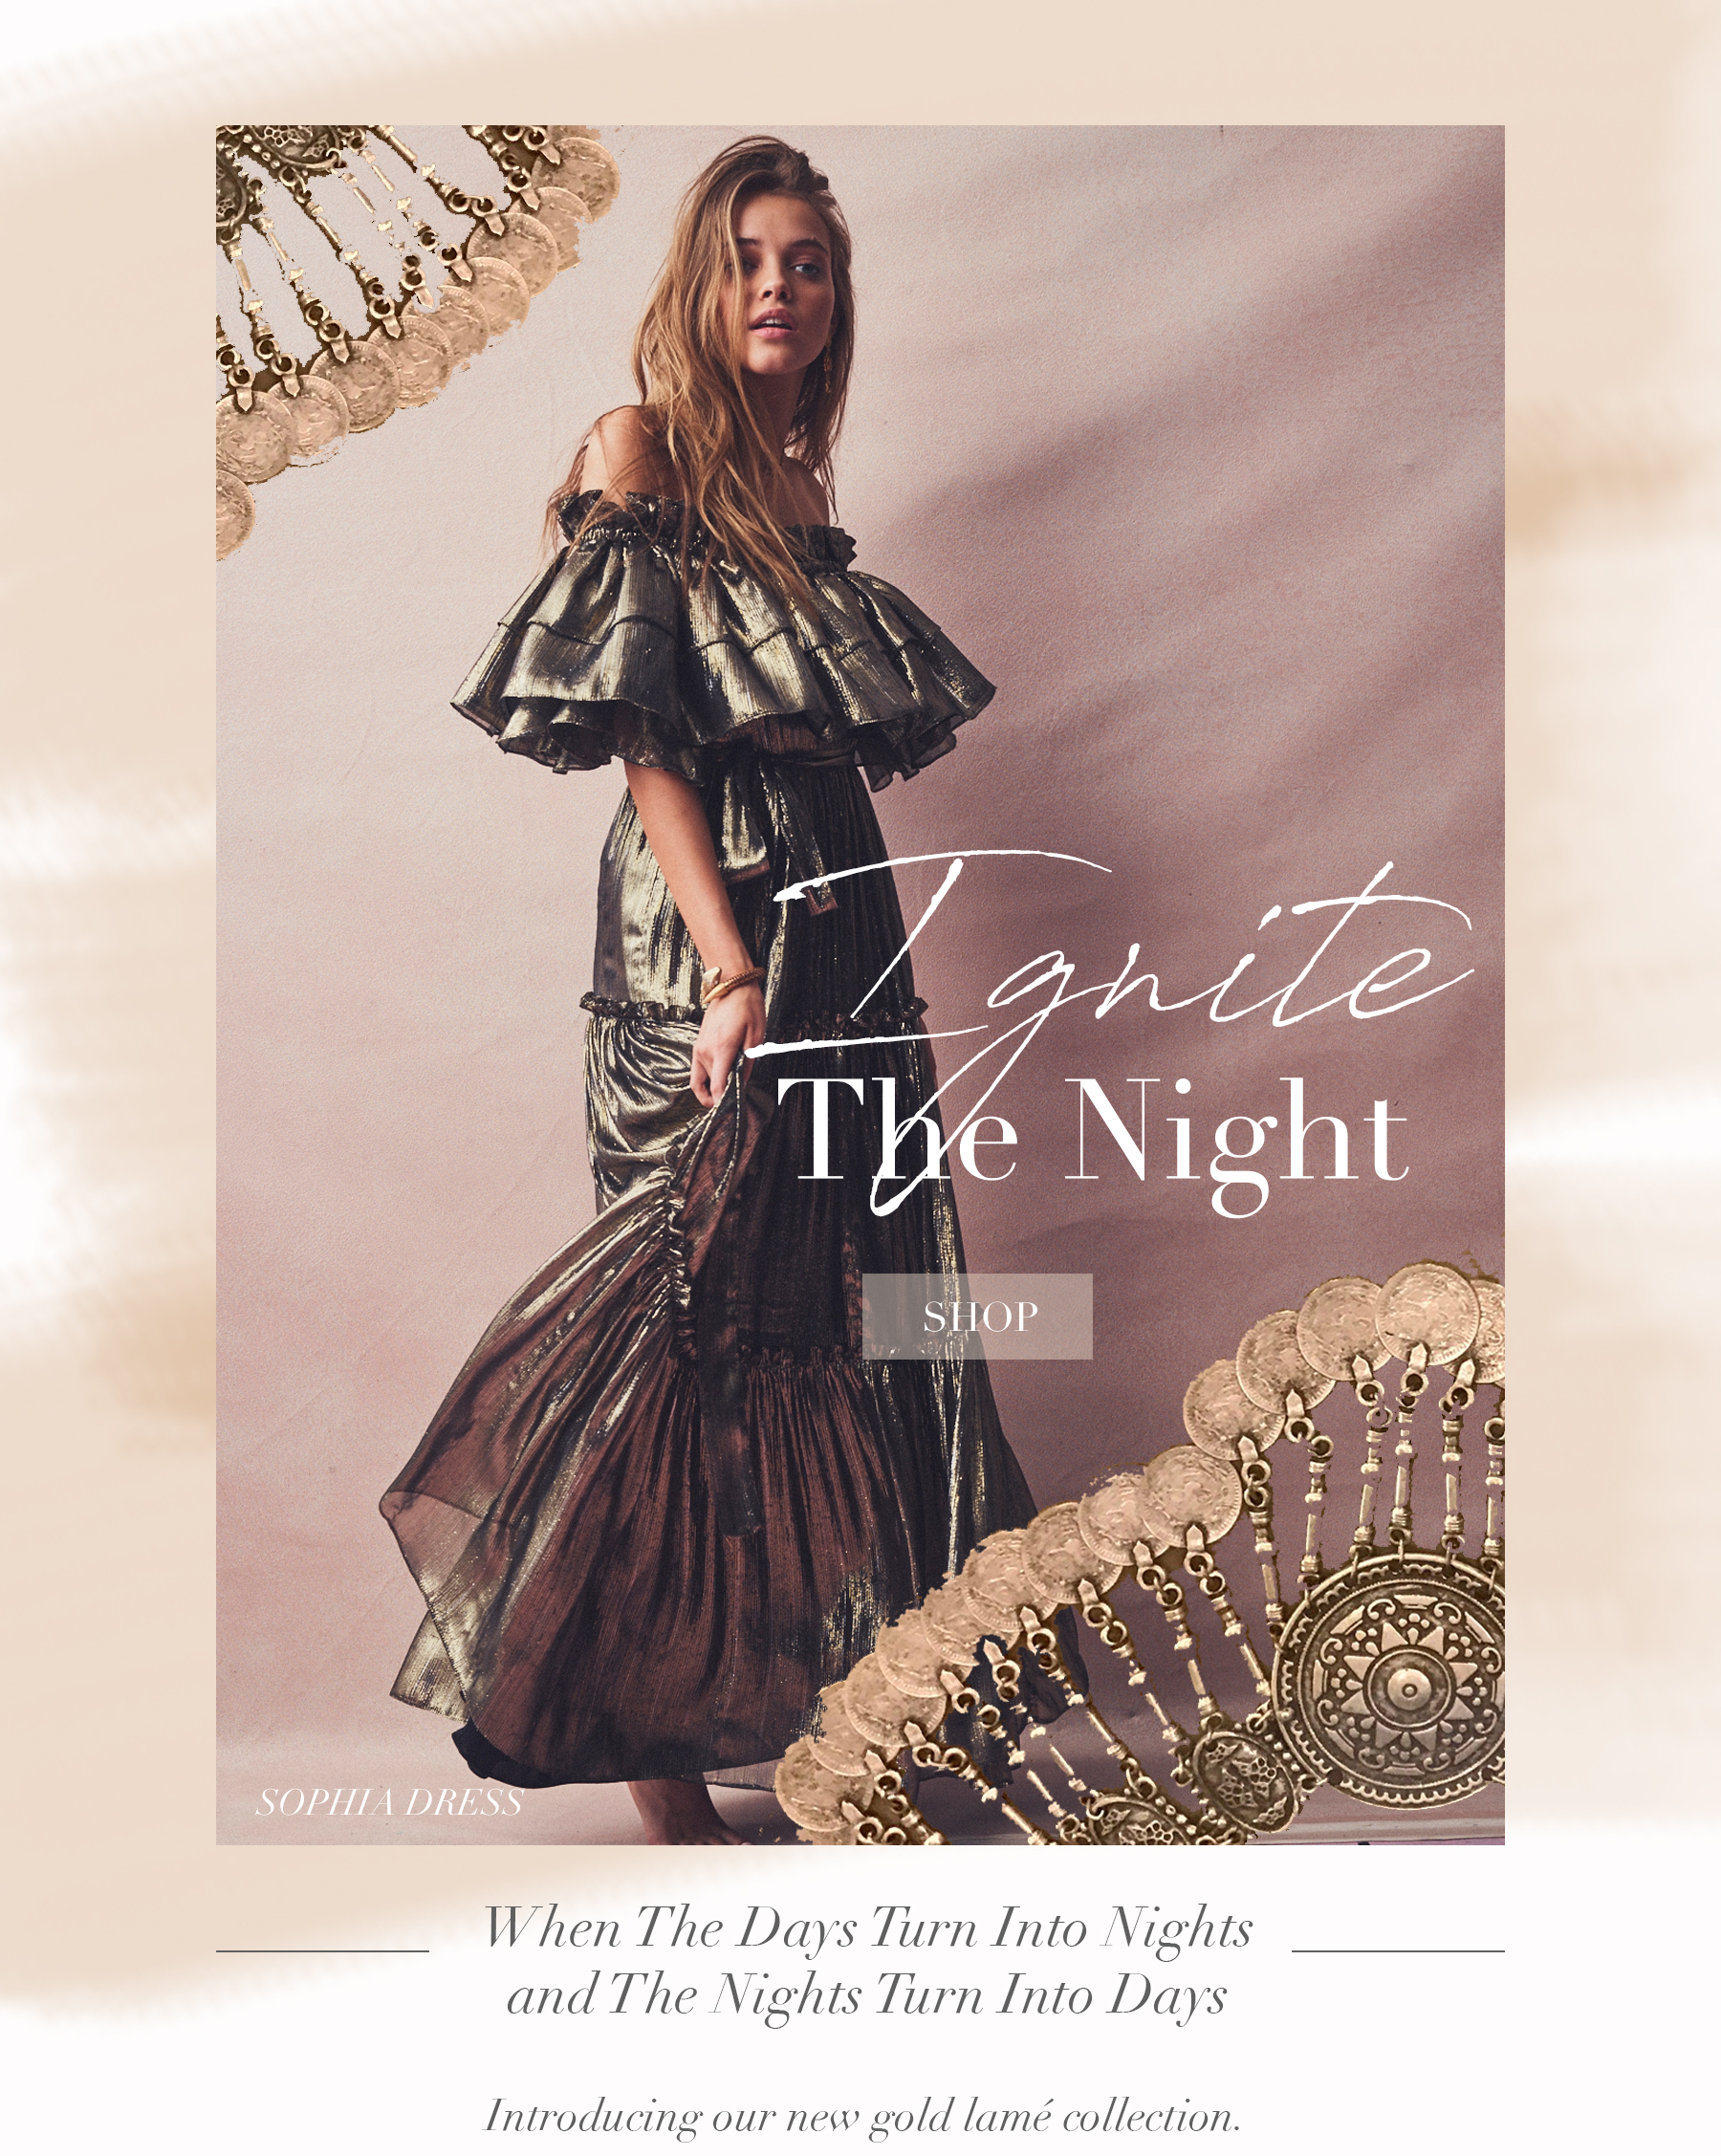 Ignite_The_Night 1_blog 1.jpg